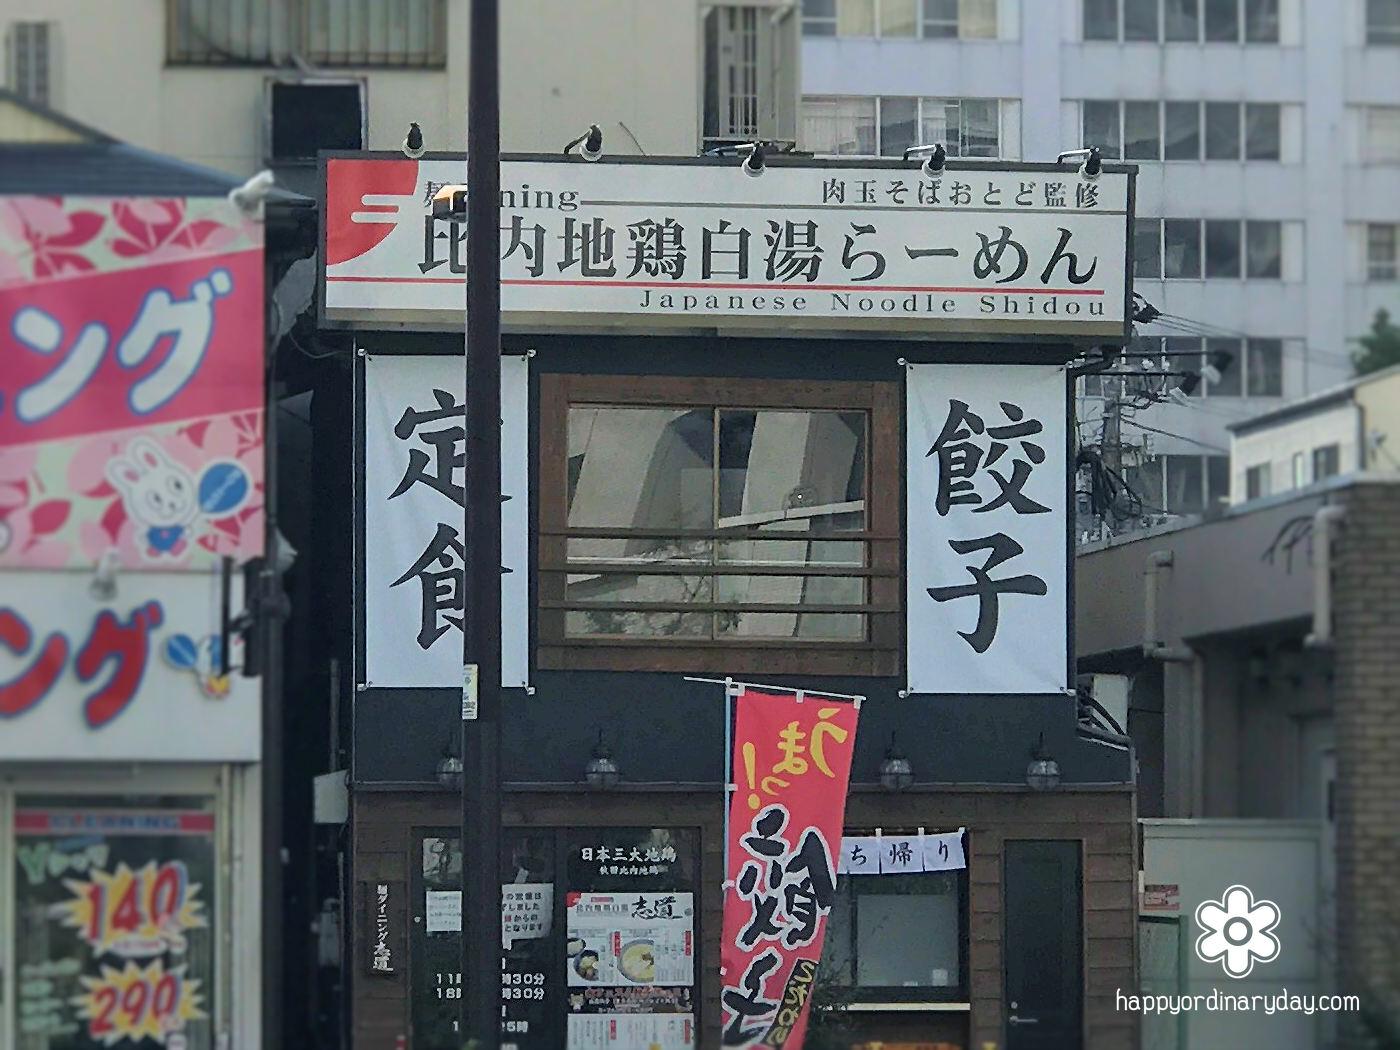 ラーメン屋さんでからあげ定食 @らーめん 志道